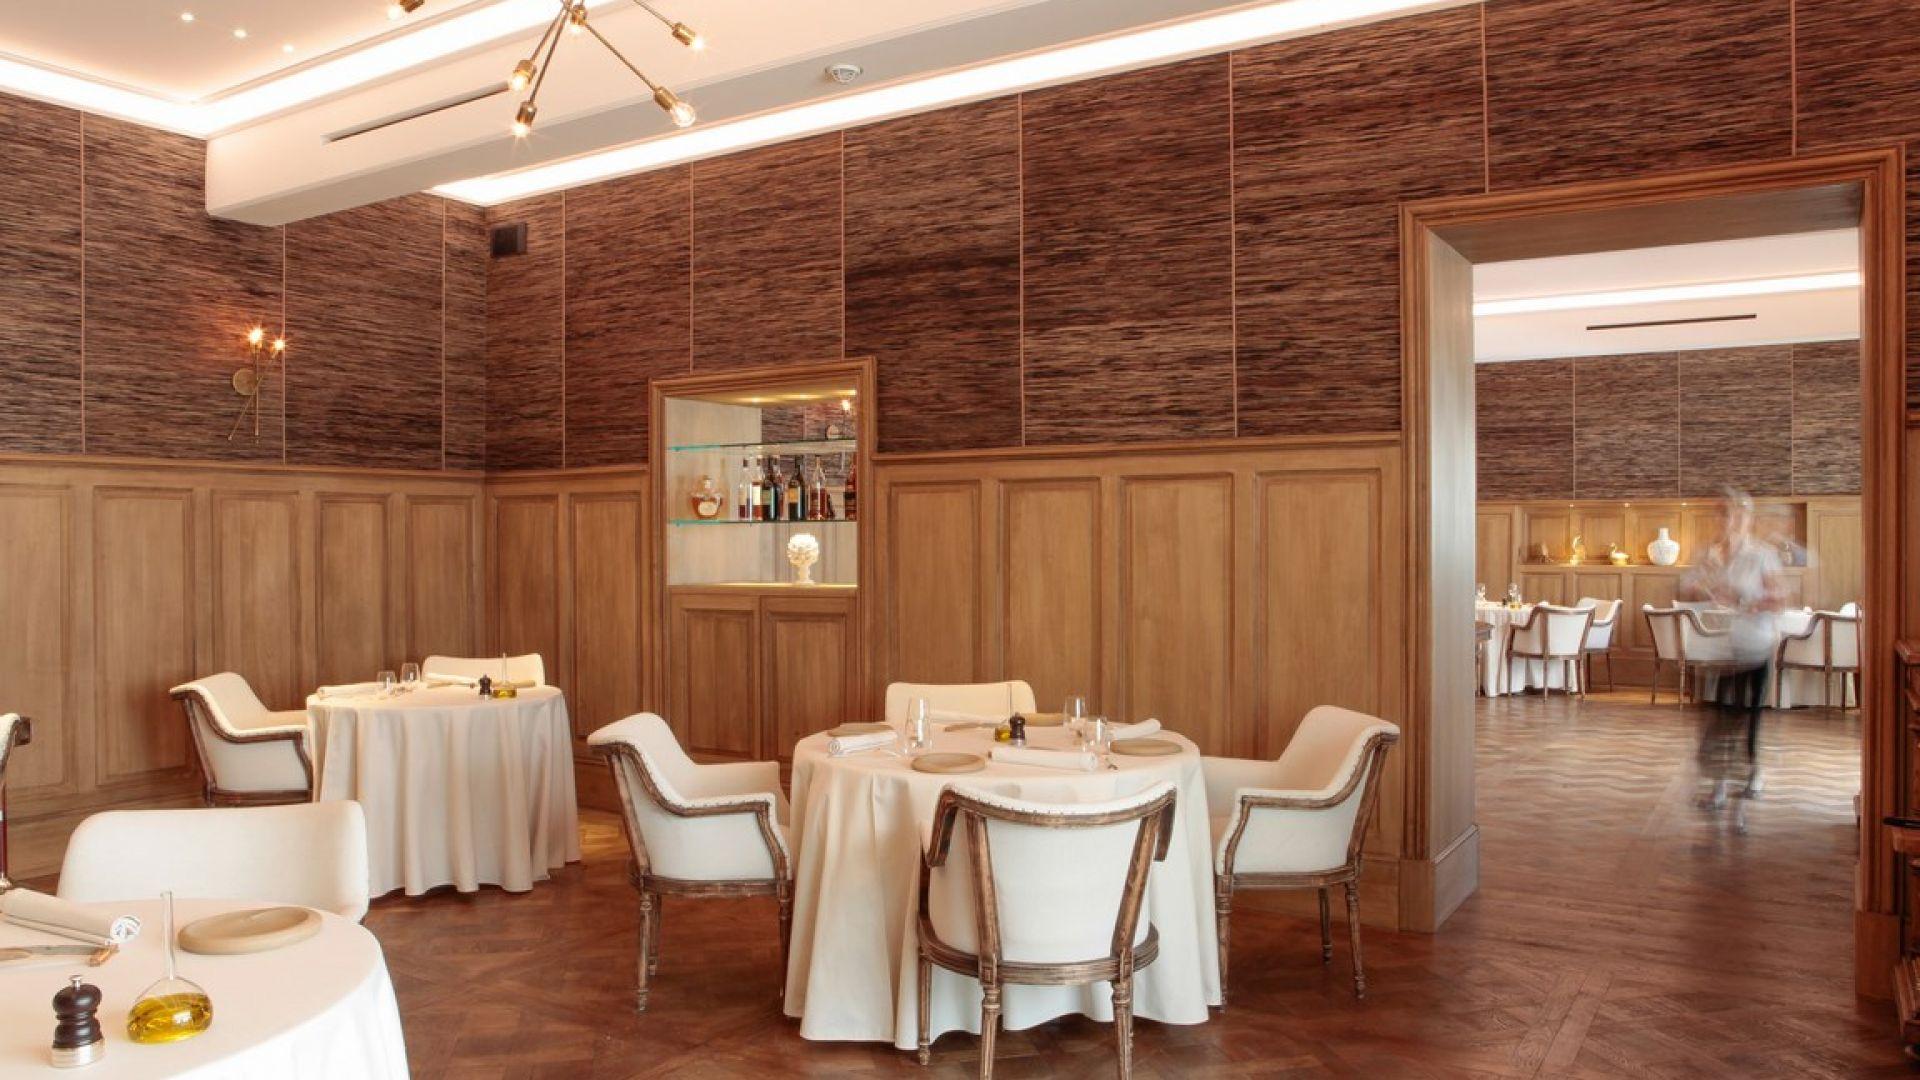 Restaurant Gastronomique En Provence | Le Jardin De Berne ... destiné Verriere Jardin